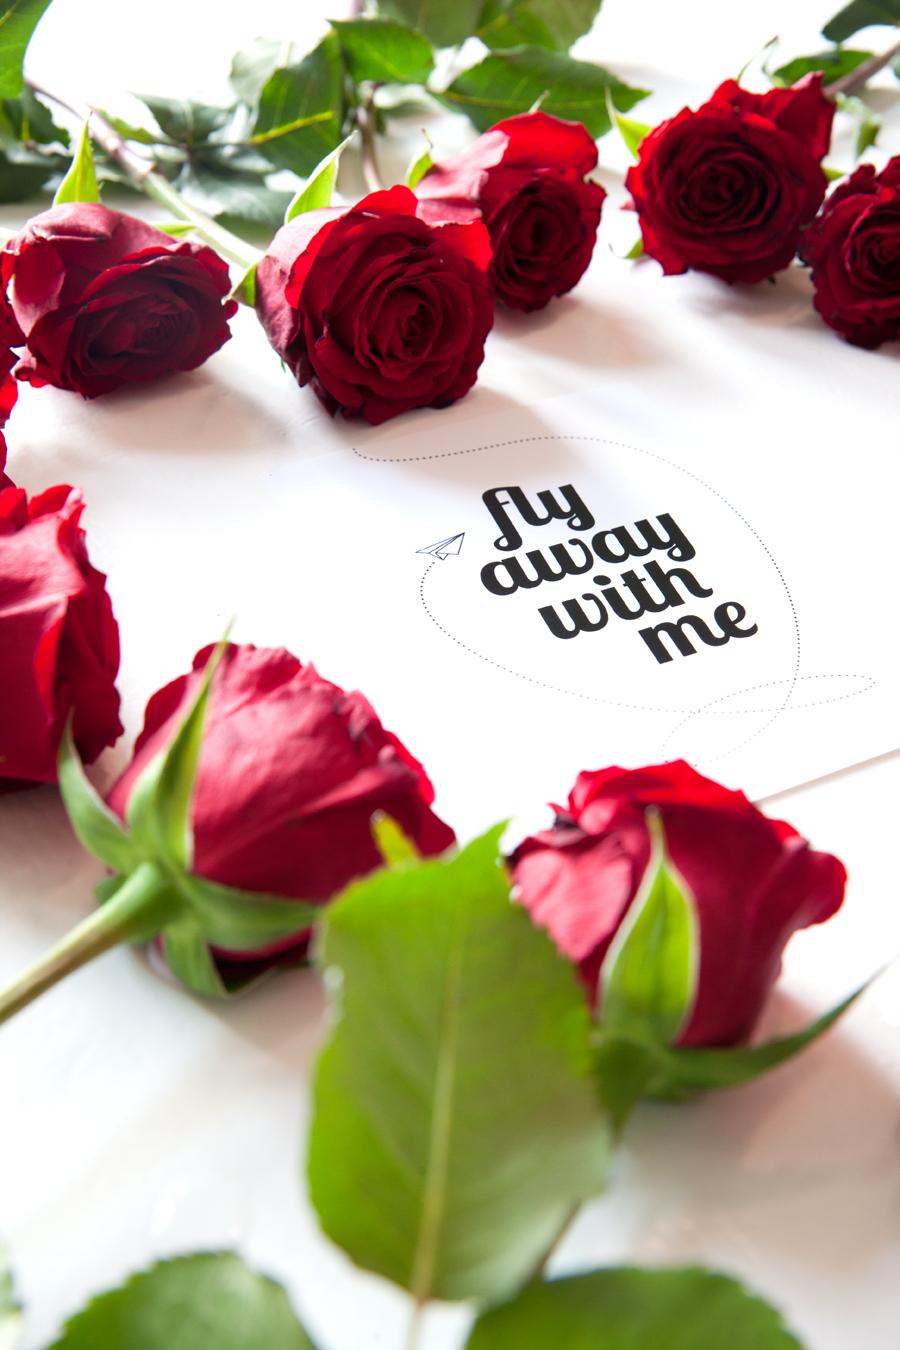 vil du gifte deg med meg